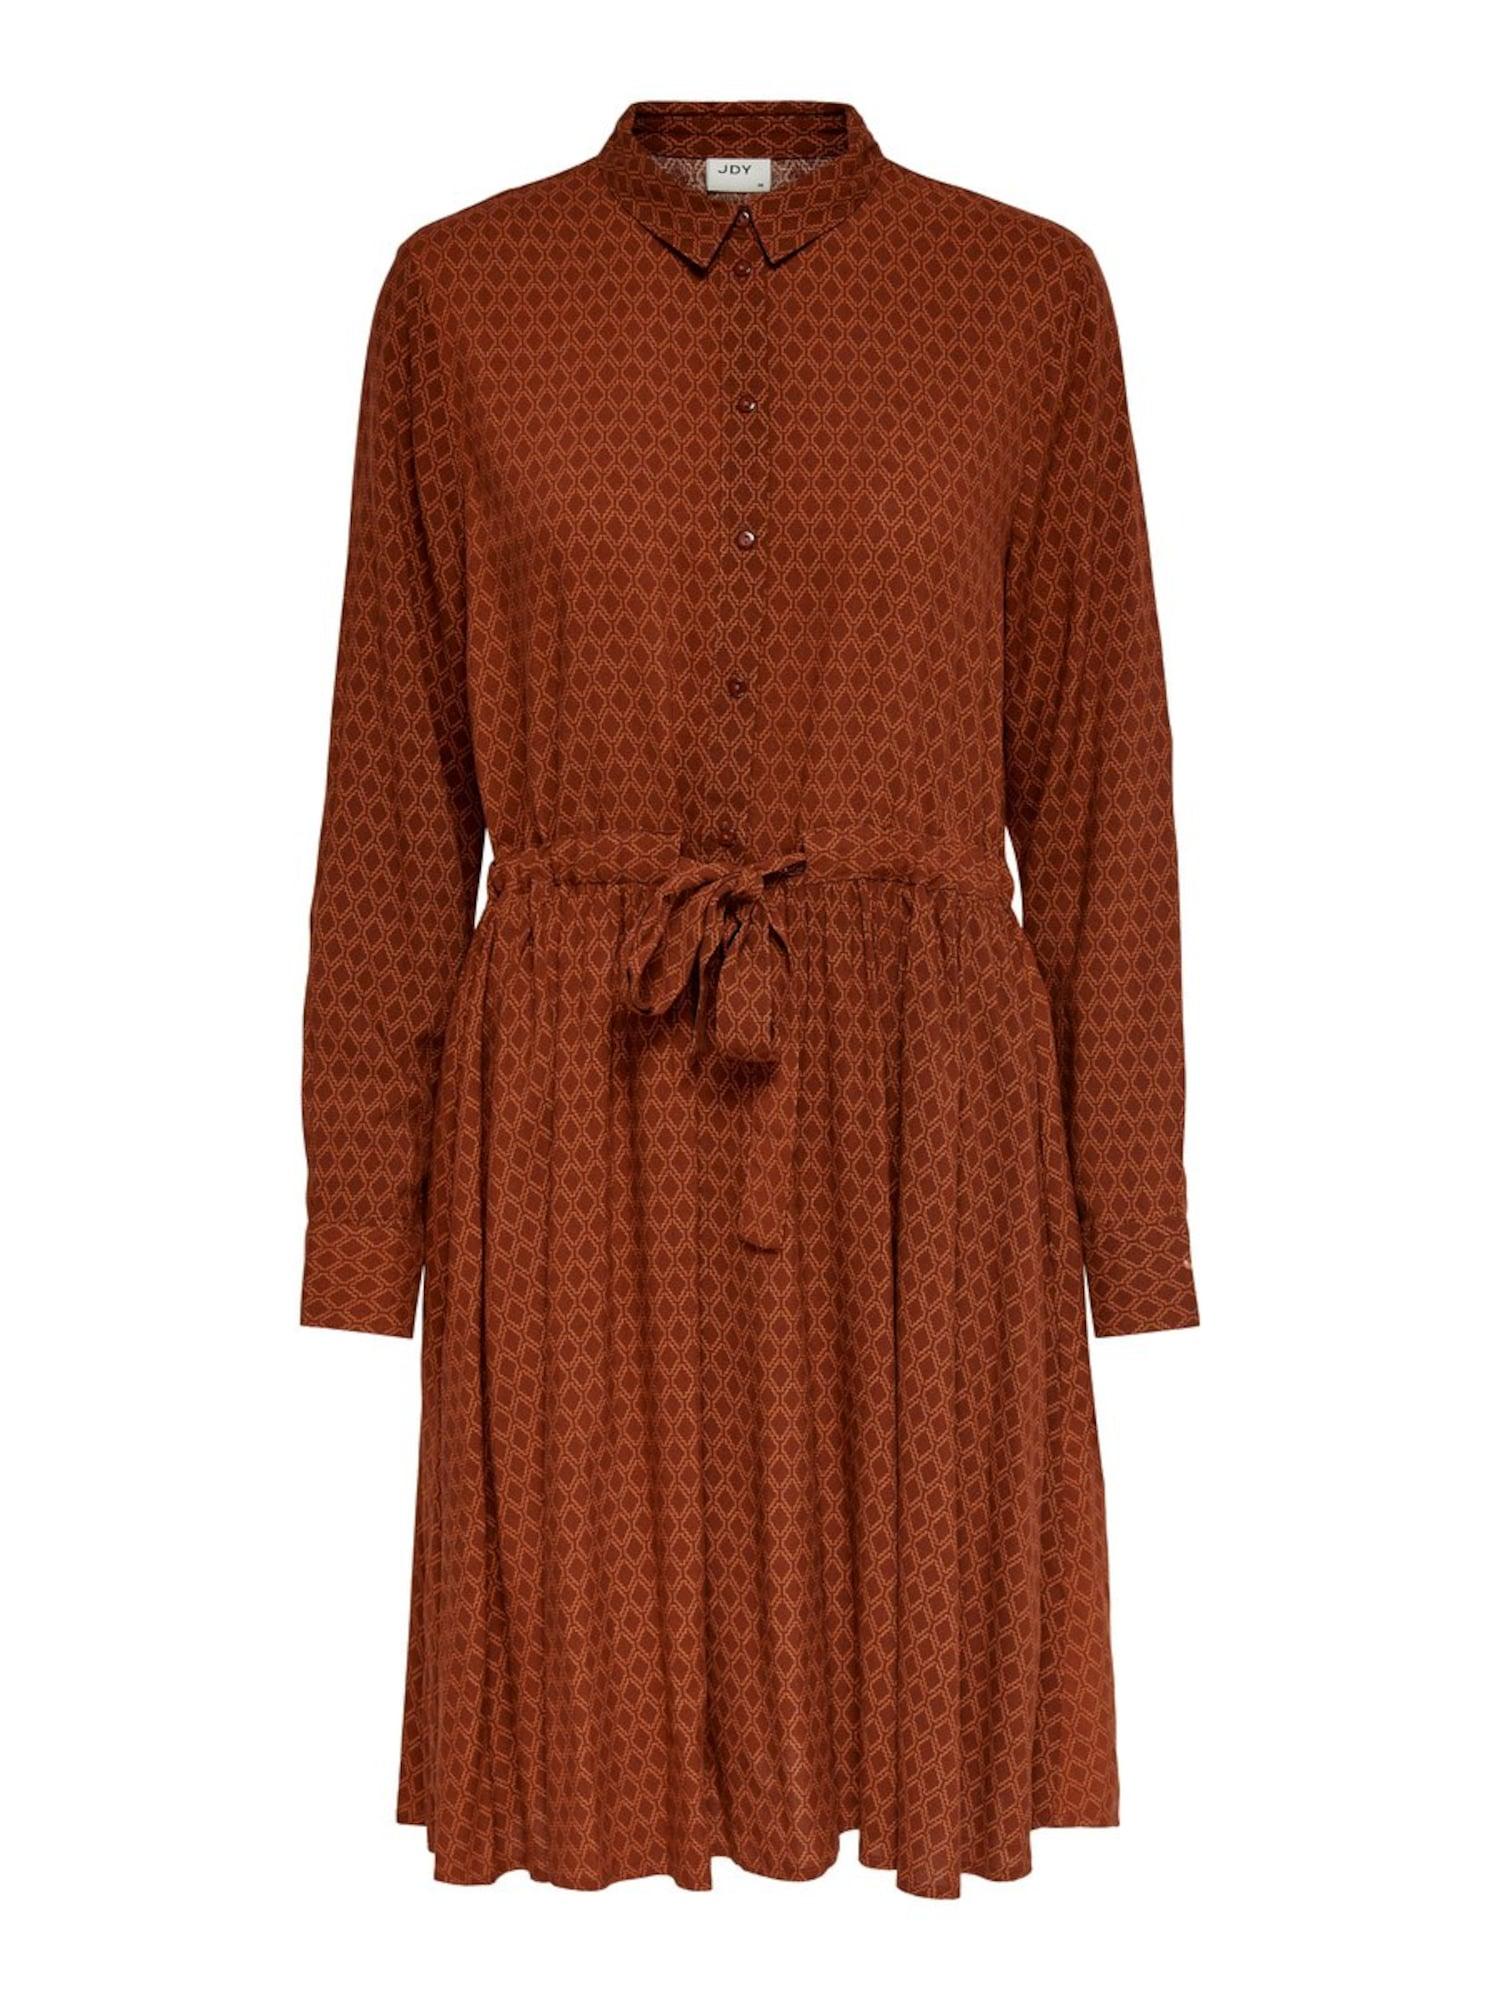 JACQUELINE de YONG Palaidinės tipo suknelė gelsvai pilka spalva / tamsiai raudona